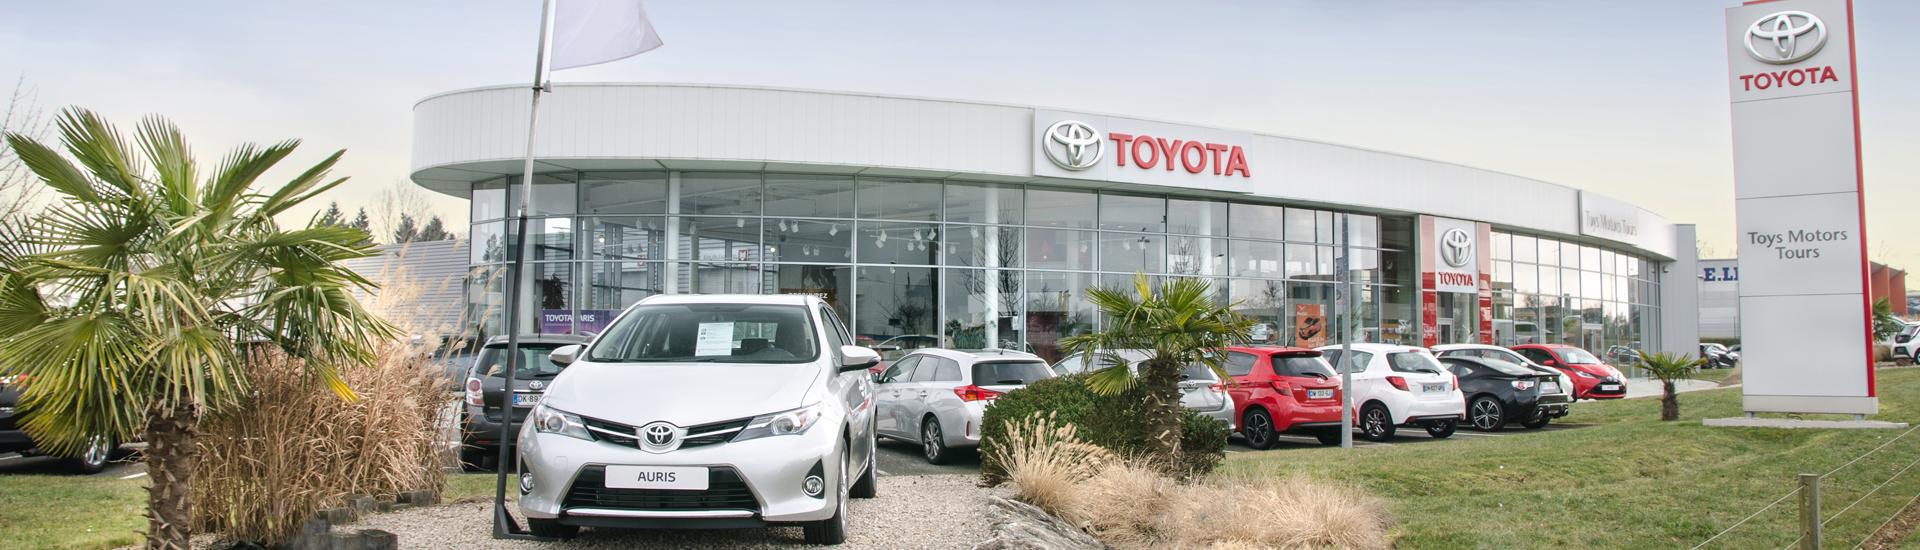 Concession TOYOTA Toys Motors à Tours en Indre-et-Loire (37).